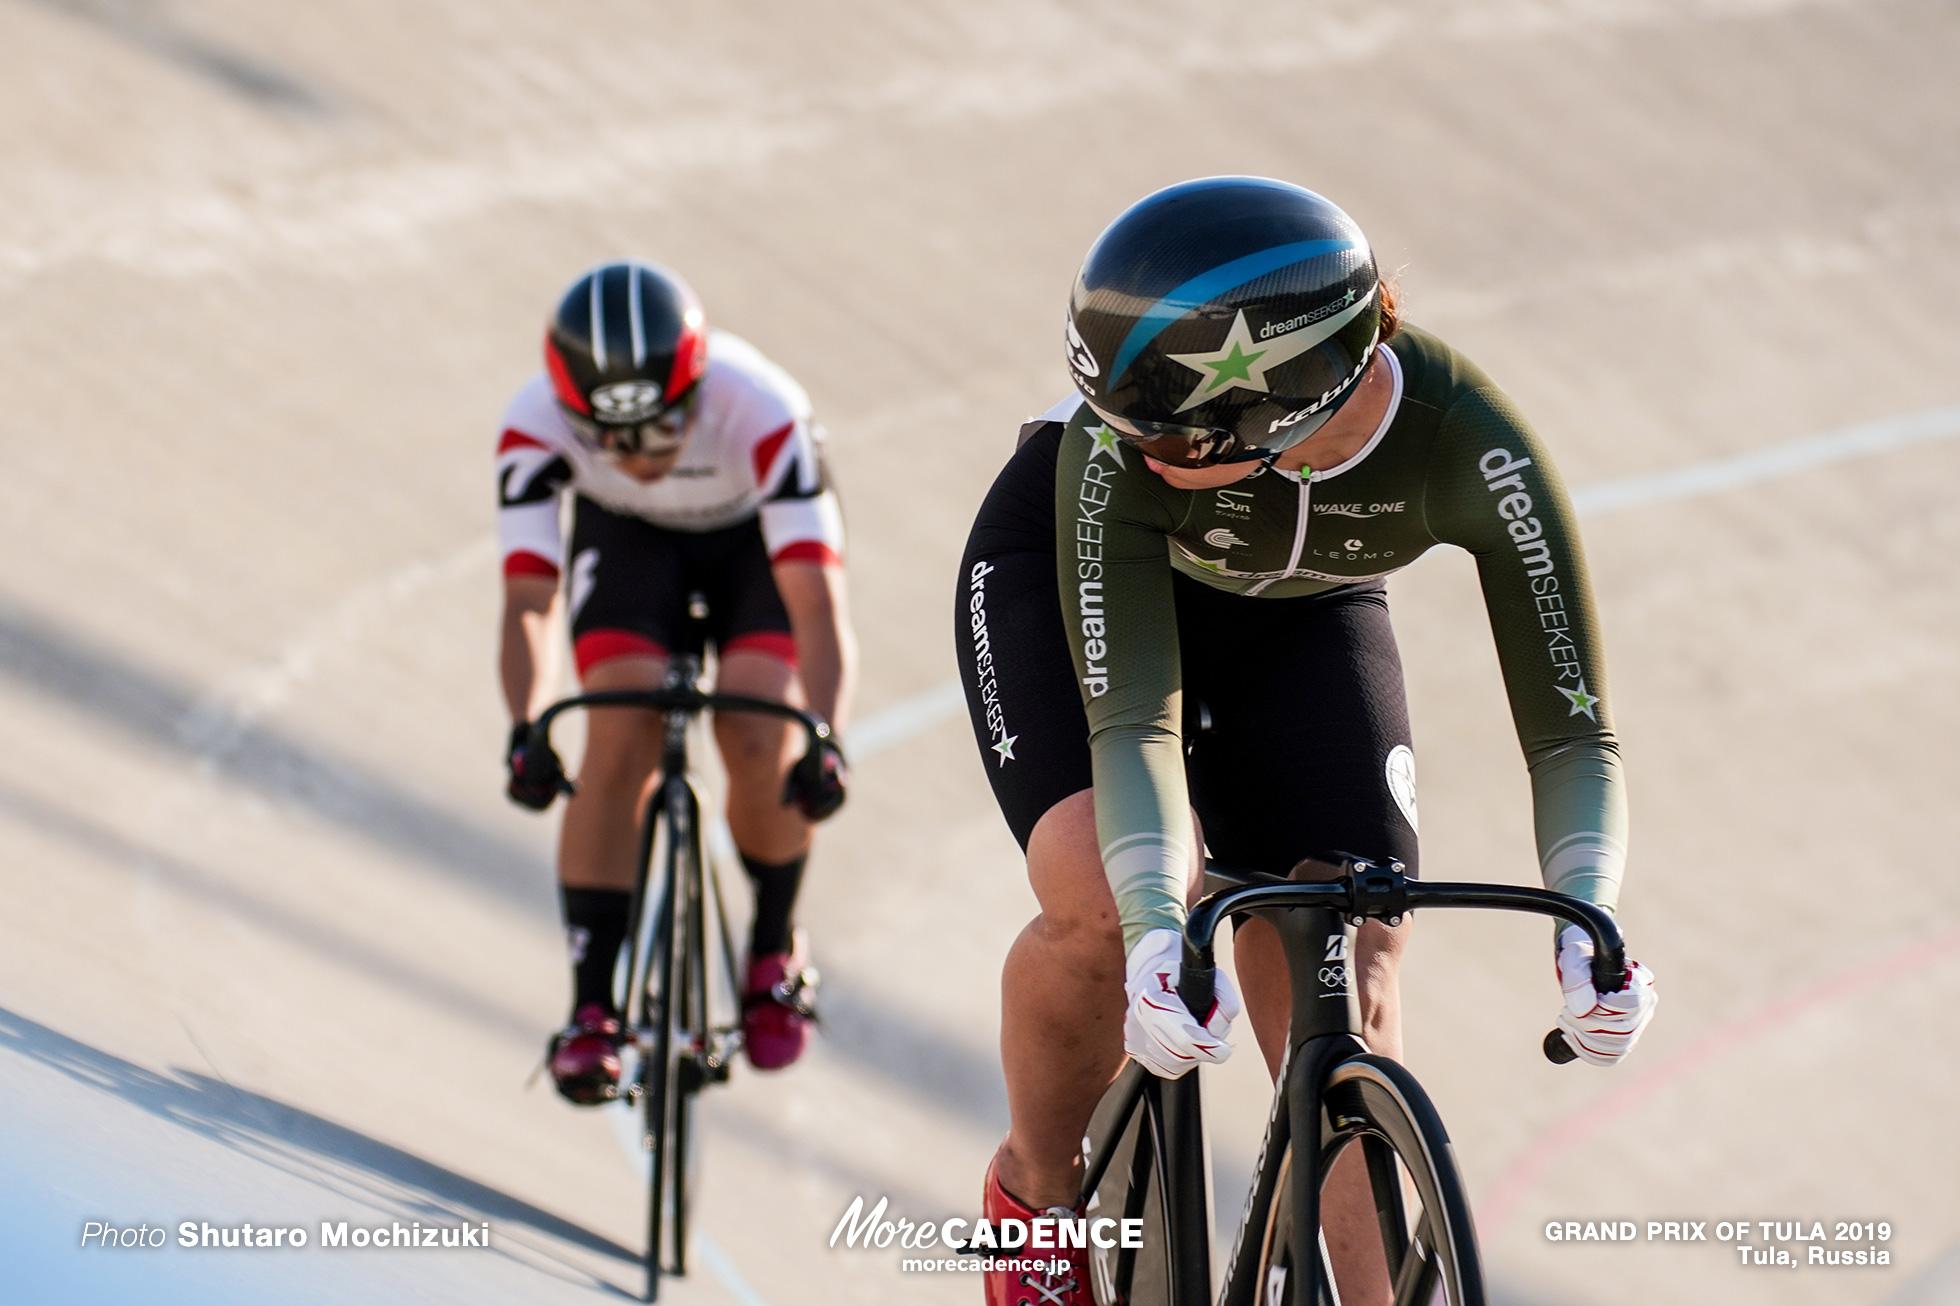 Finals / Women's Sprint / GRAND PRIX OF TULA 2019